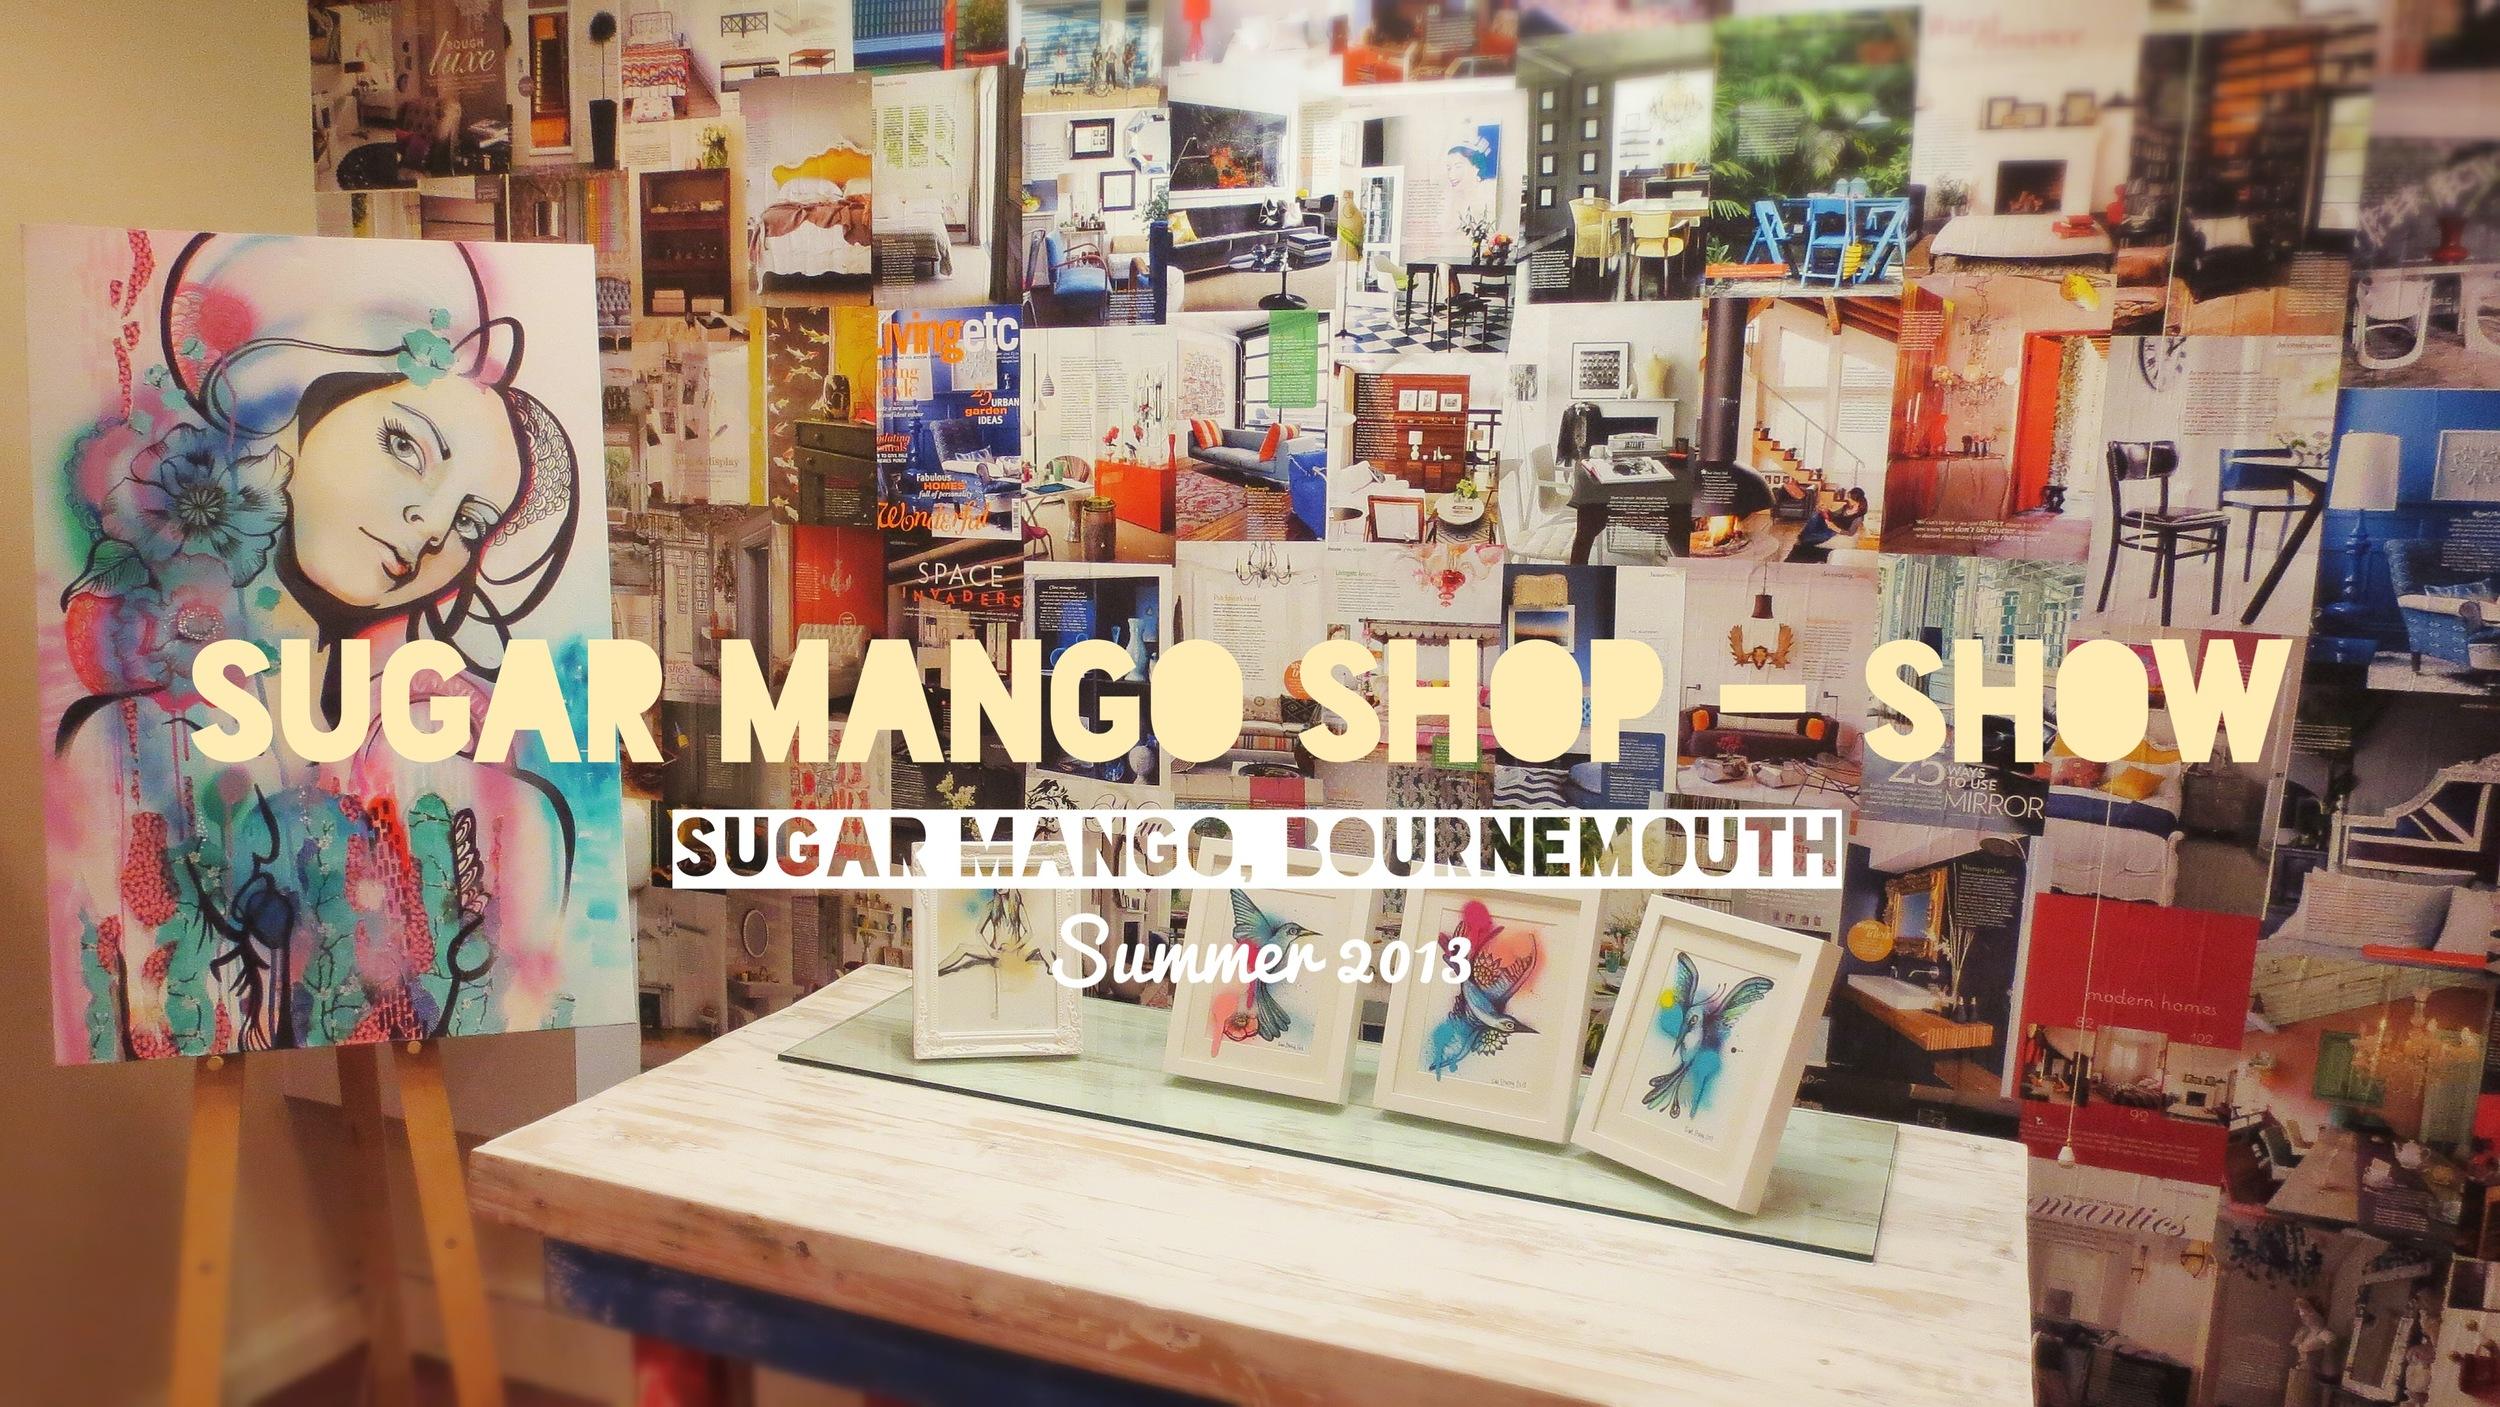 Sugar Mango - a solo exhibition in a boutique shop